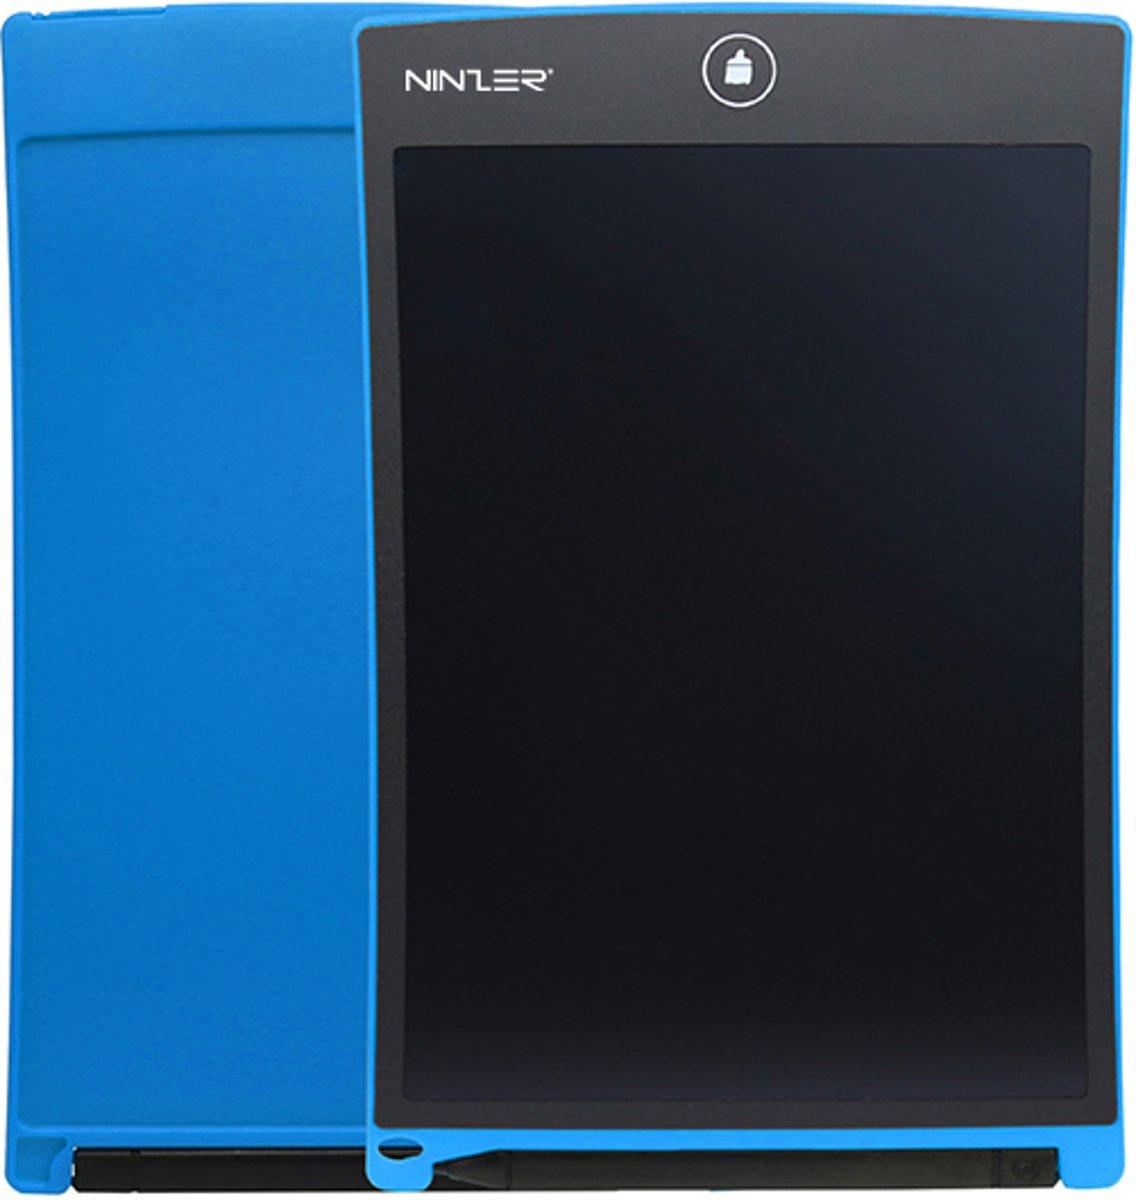 Ninzer Ultra Dunne Digitale lcd Schrijf en Tekenen Tablet met Stylus Pen, 8,5 inch | Blauw kopen